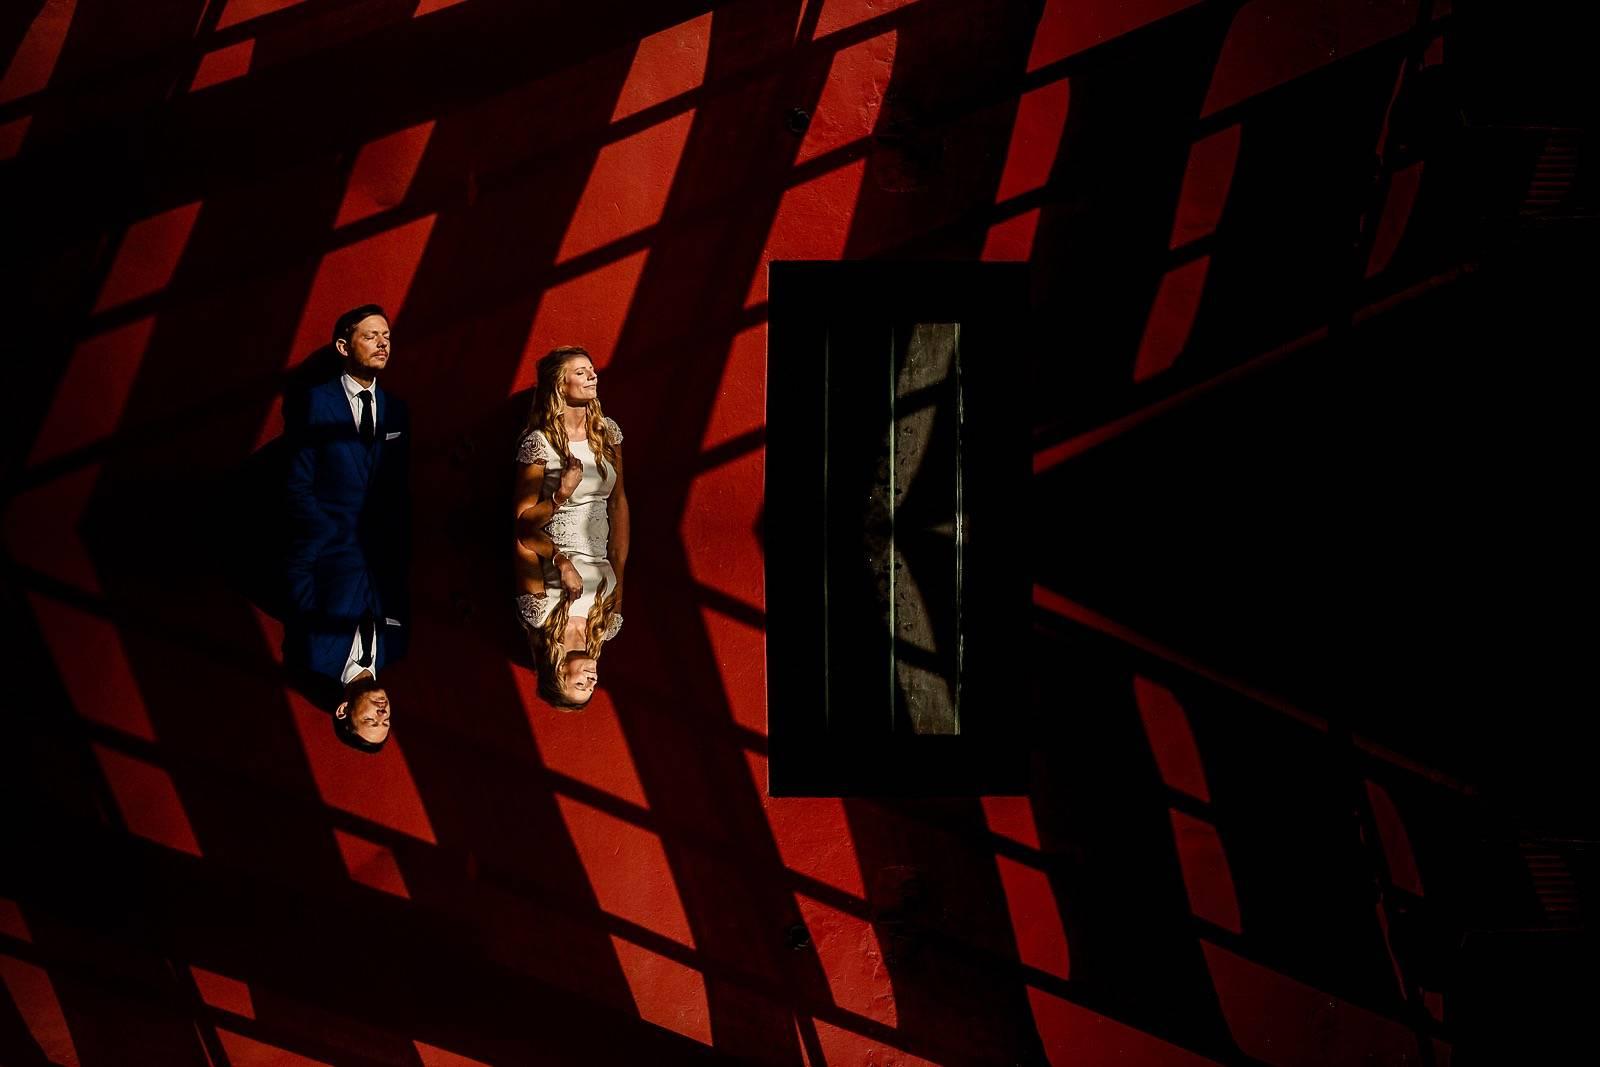 Eppel Fotografie - Trouwfotograaf - Huwelijksfotograaf - House of Weddings - 22